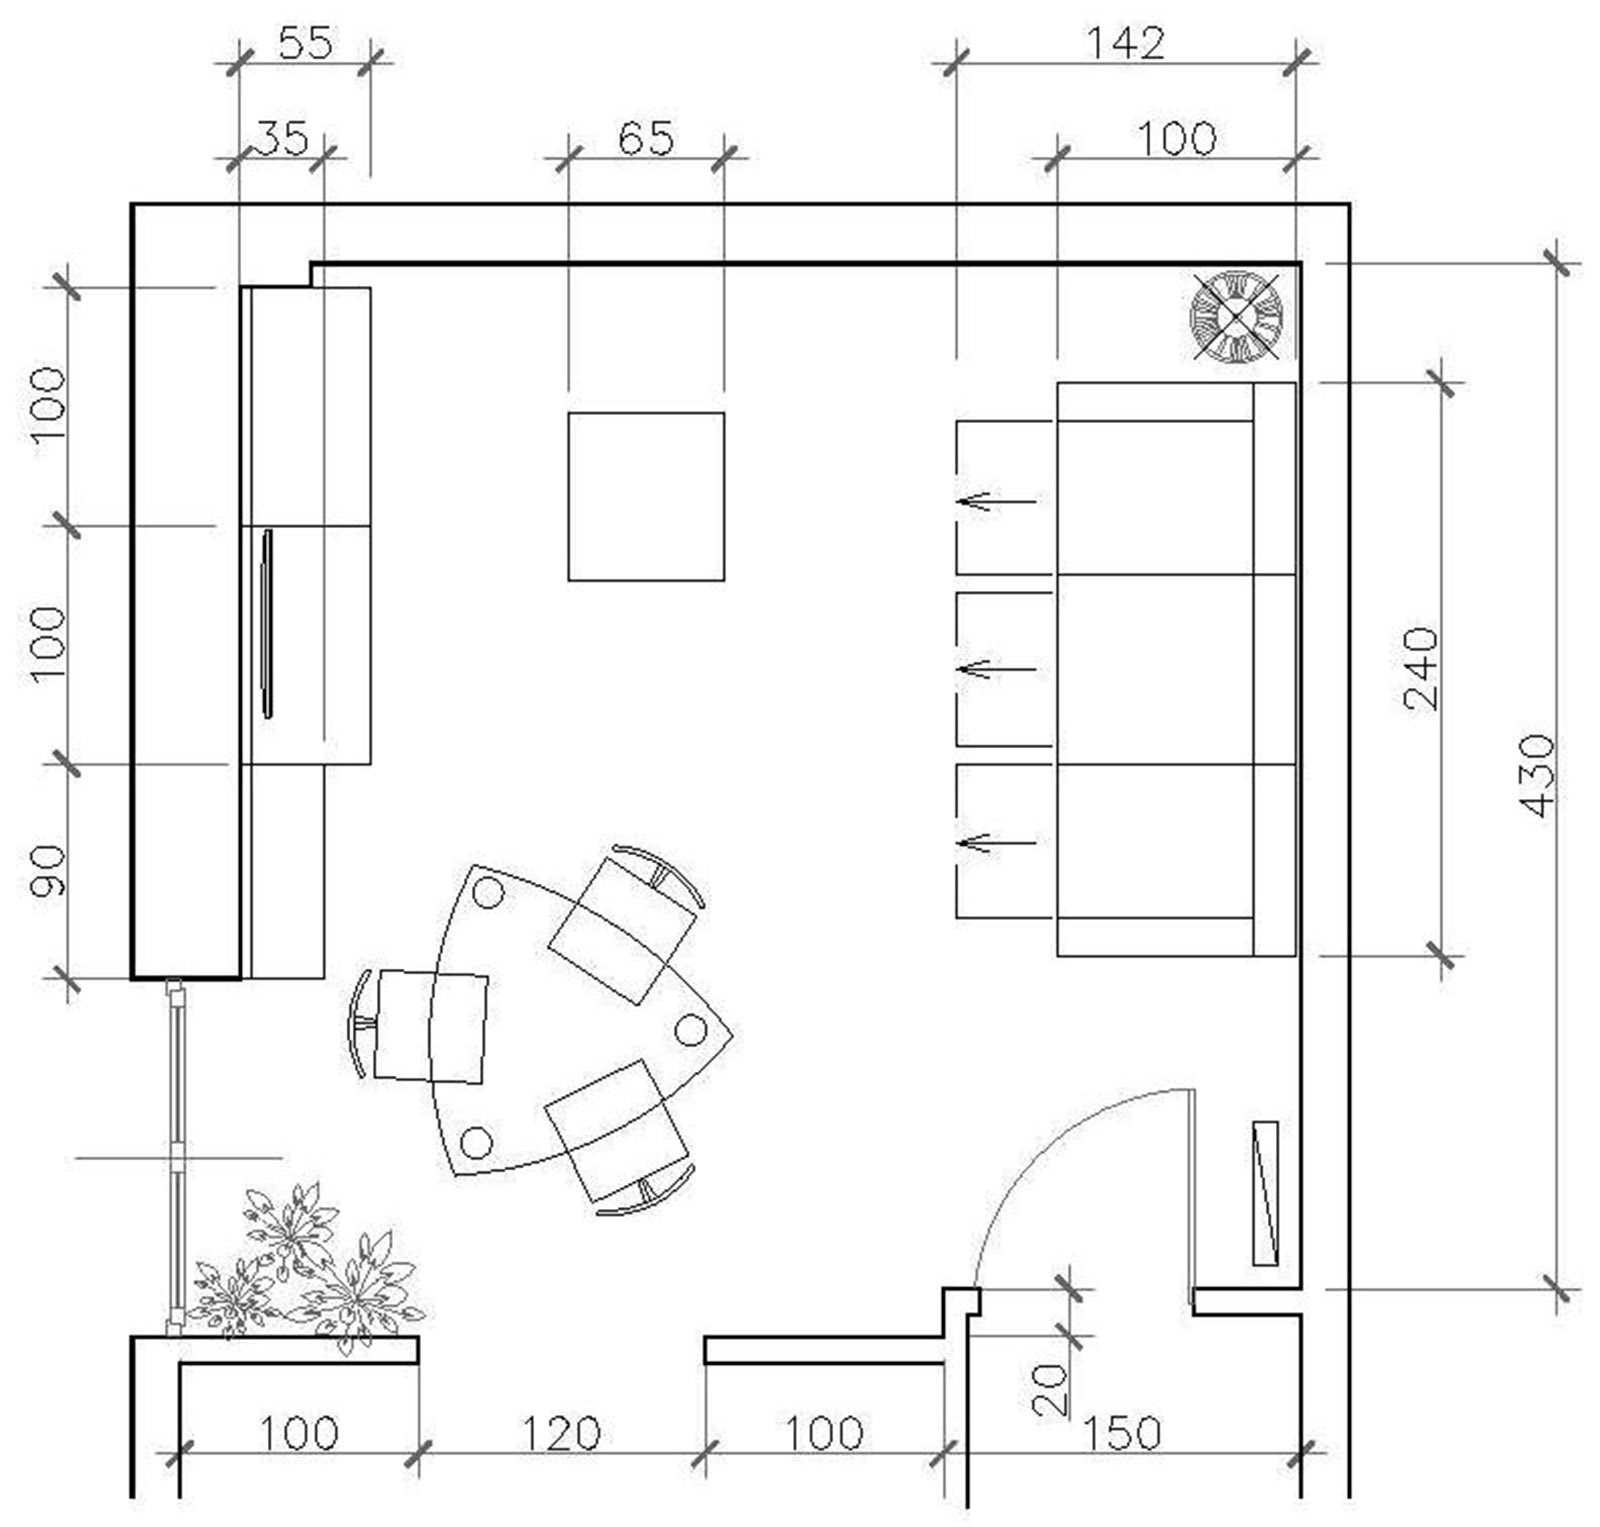 Un progetto per arredare il soggiorno conservando alcuni mobili - Cose di Casa